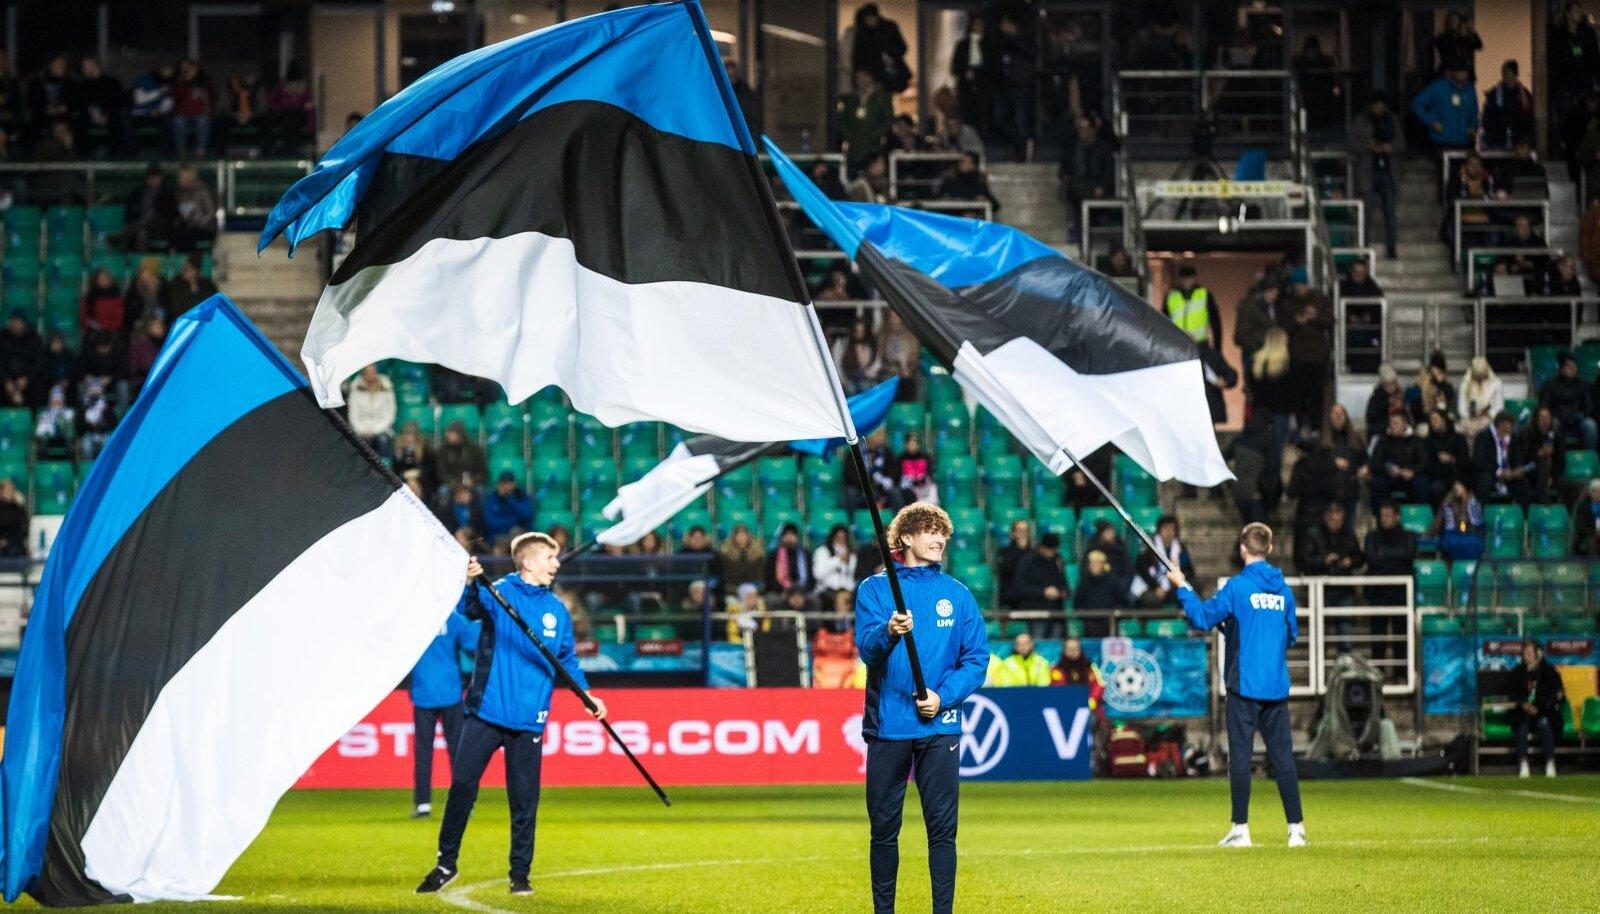 Eesti lipud Lilleküla staadionil.